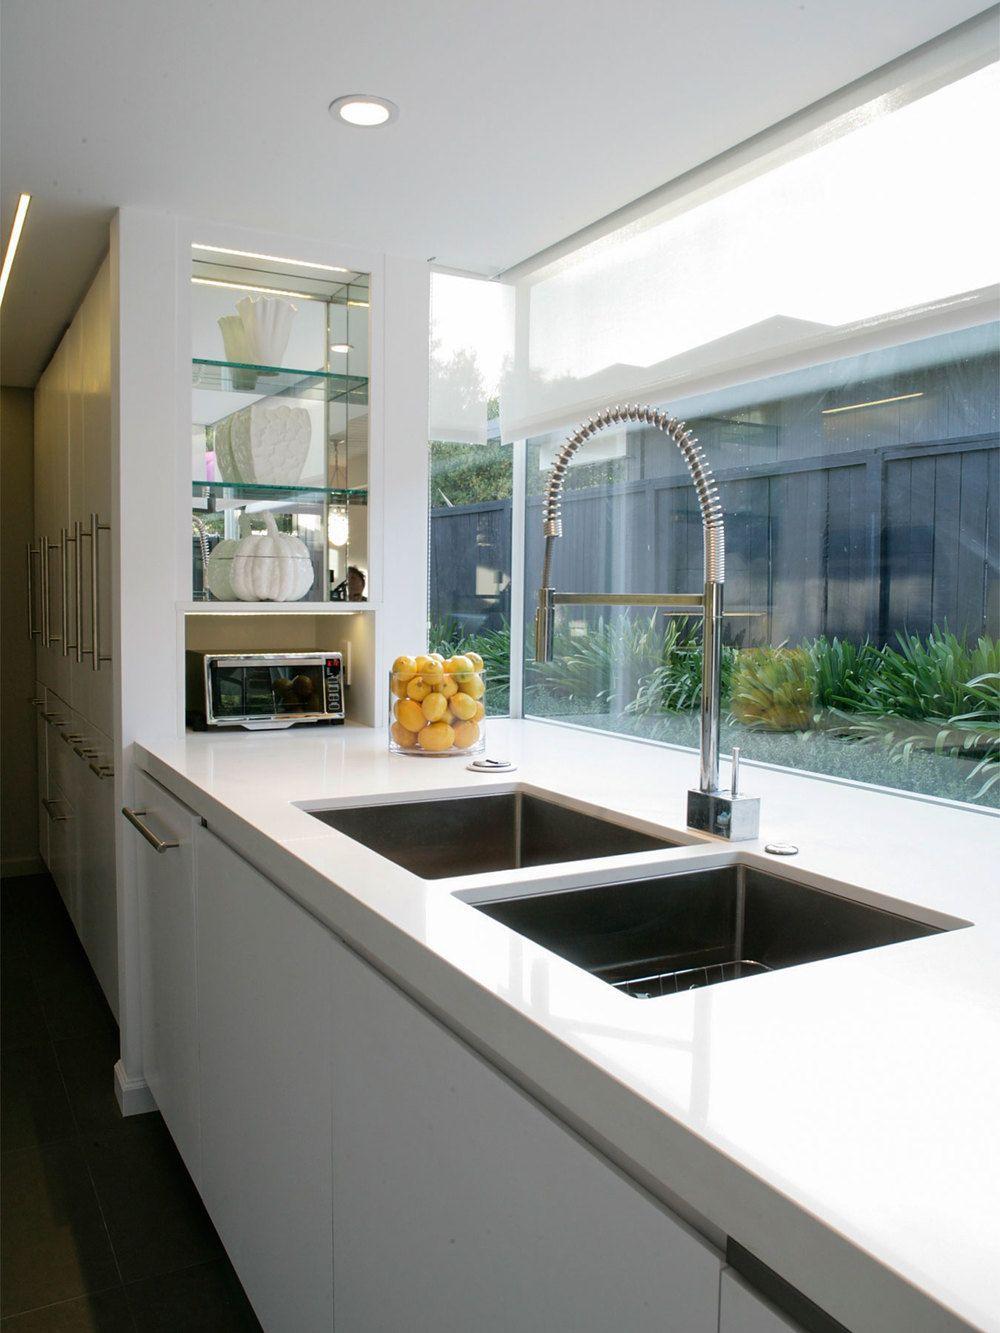 sarafblondie | pinnwand | Pinterest | Küche, Innenarchitektur küche ...